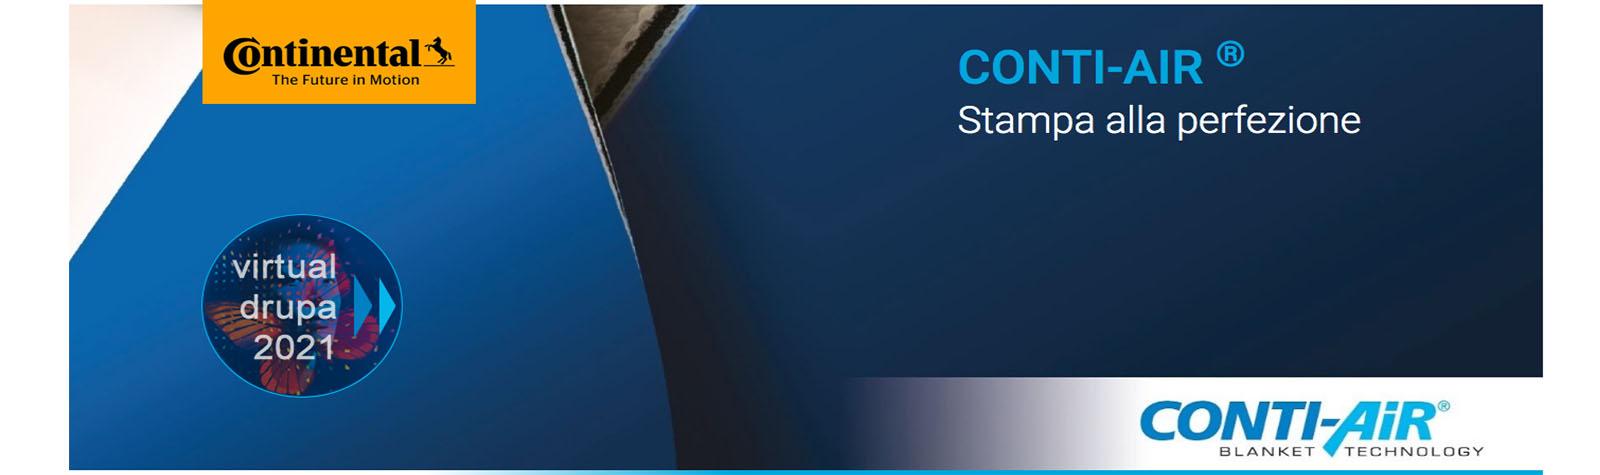 ContiAir Continental